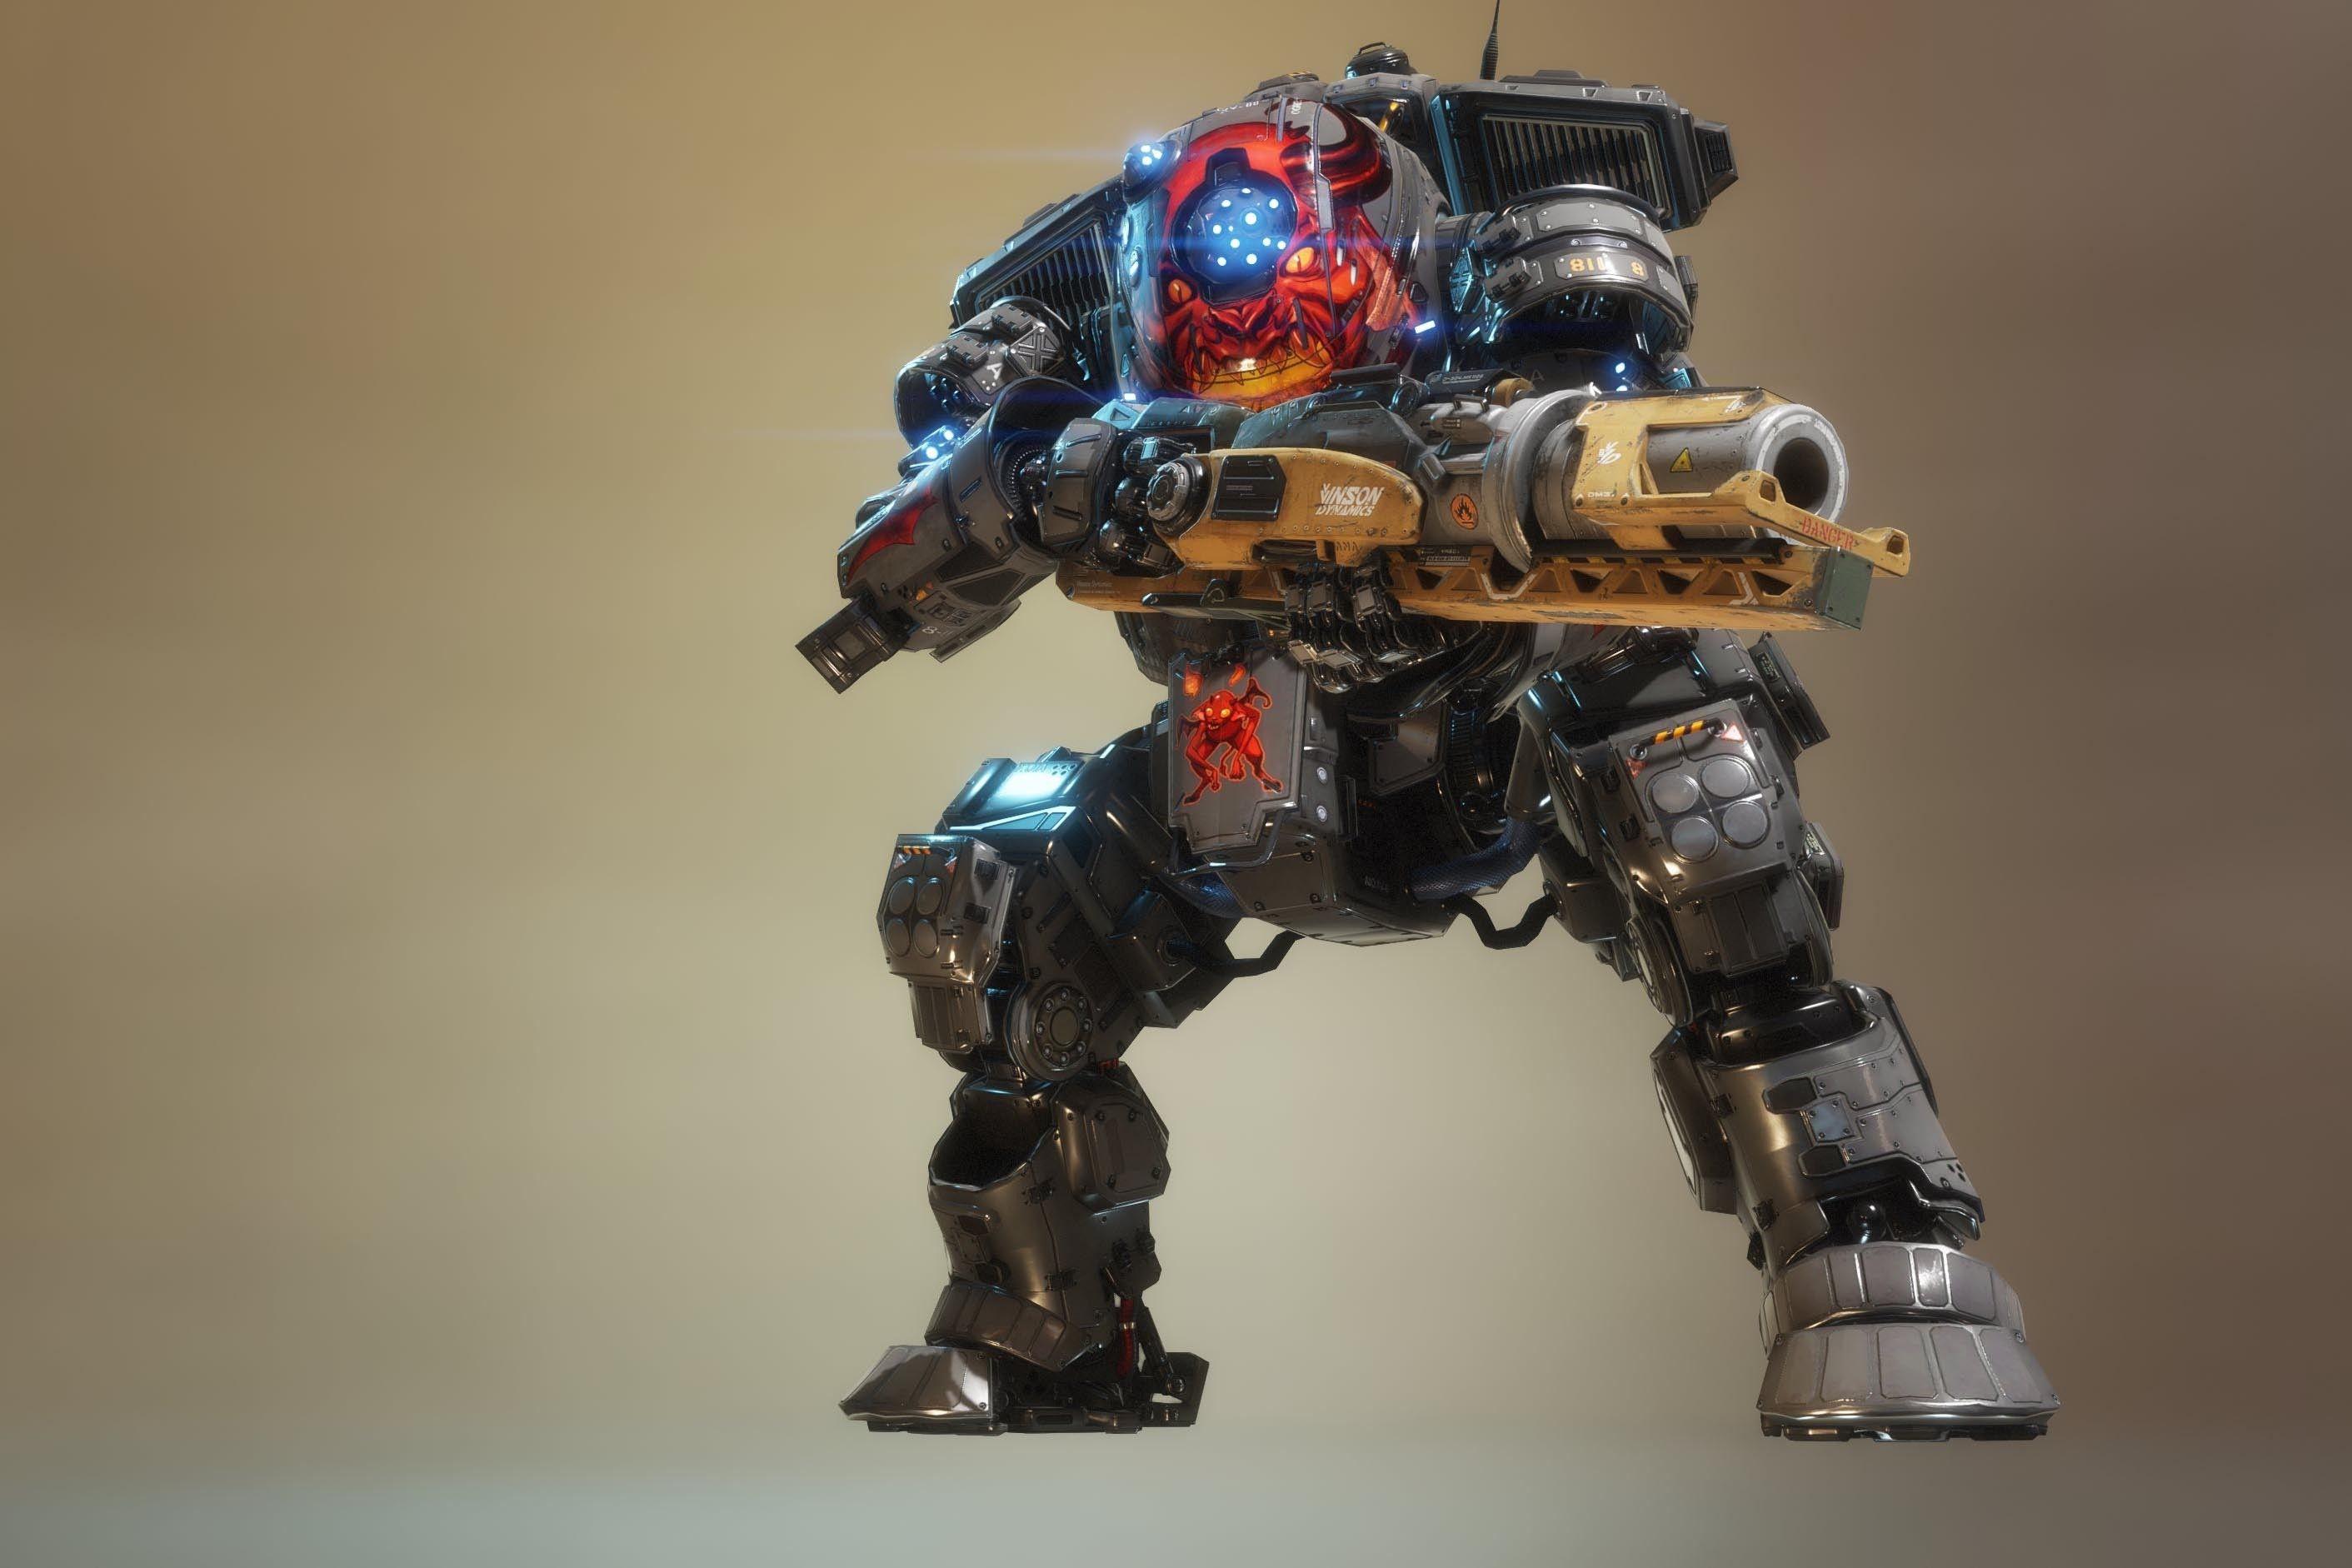 Скорч - Titanfall 2 2K, Арт, Титан